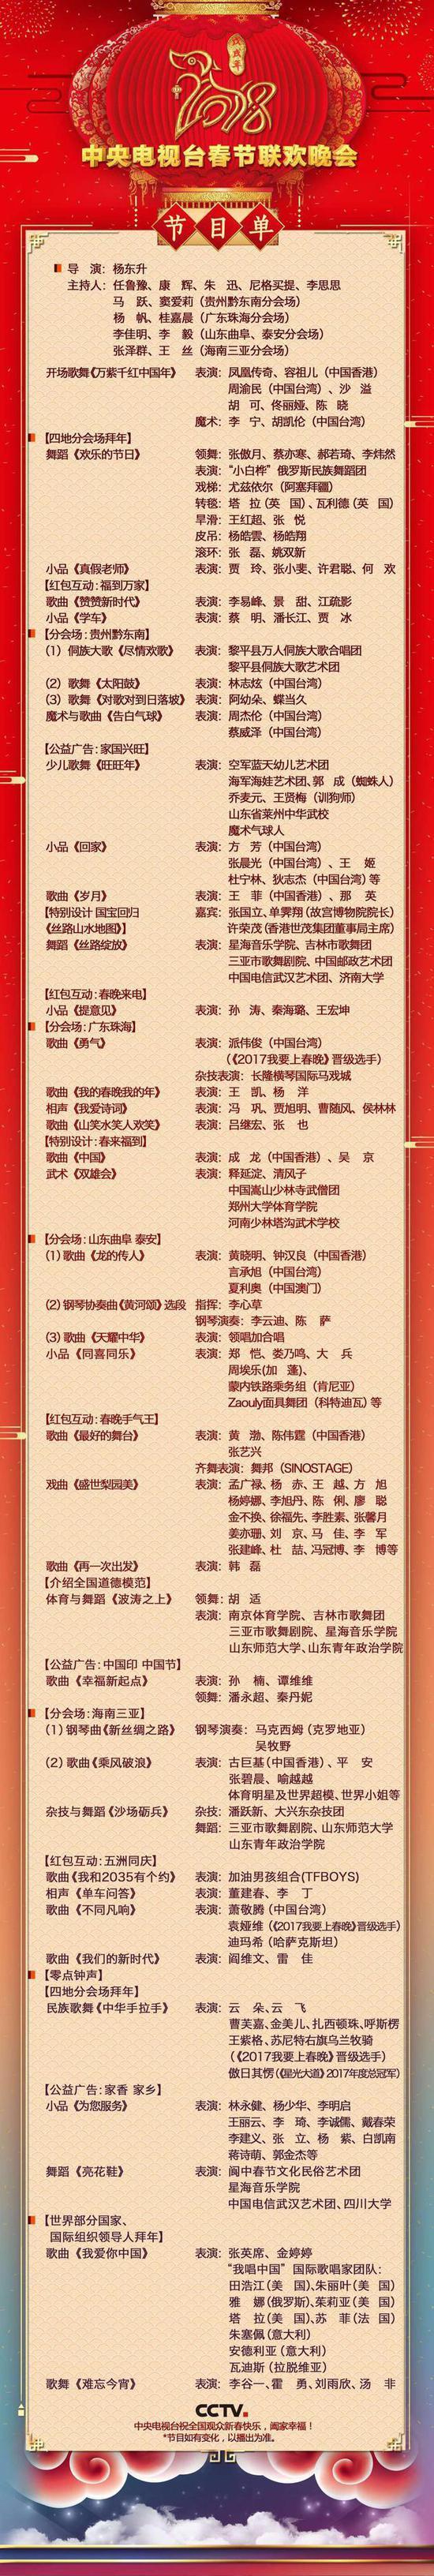 春晚节目单看点揭秘:蔡明提及鹿晗